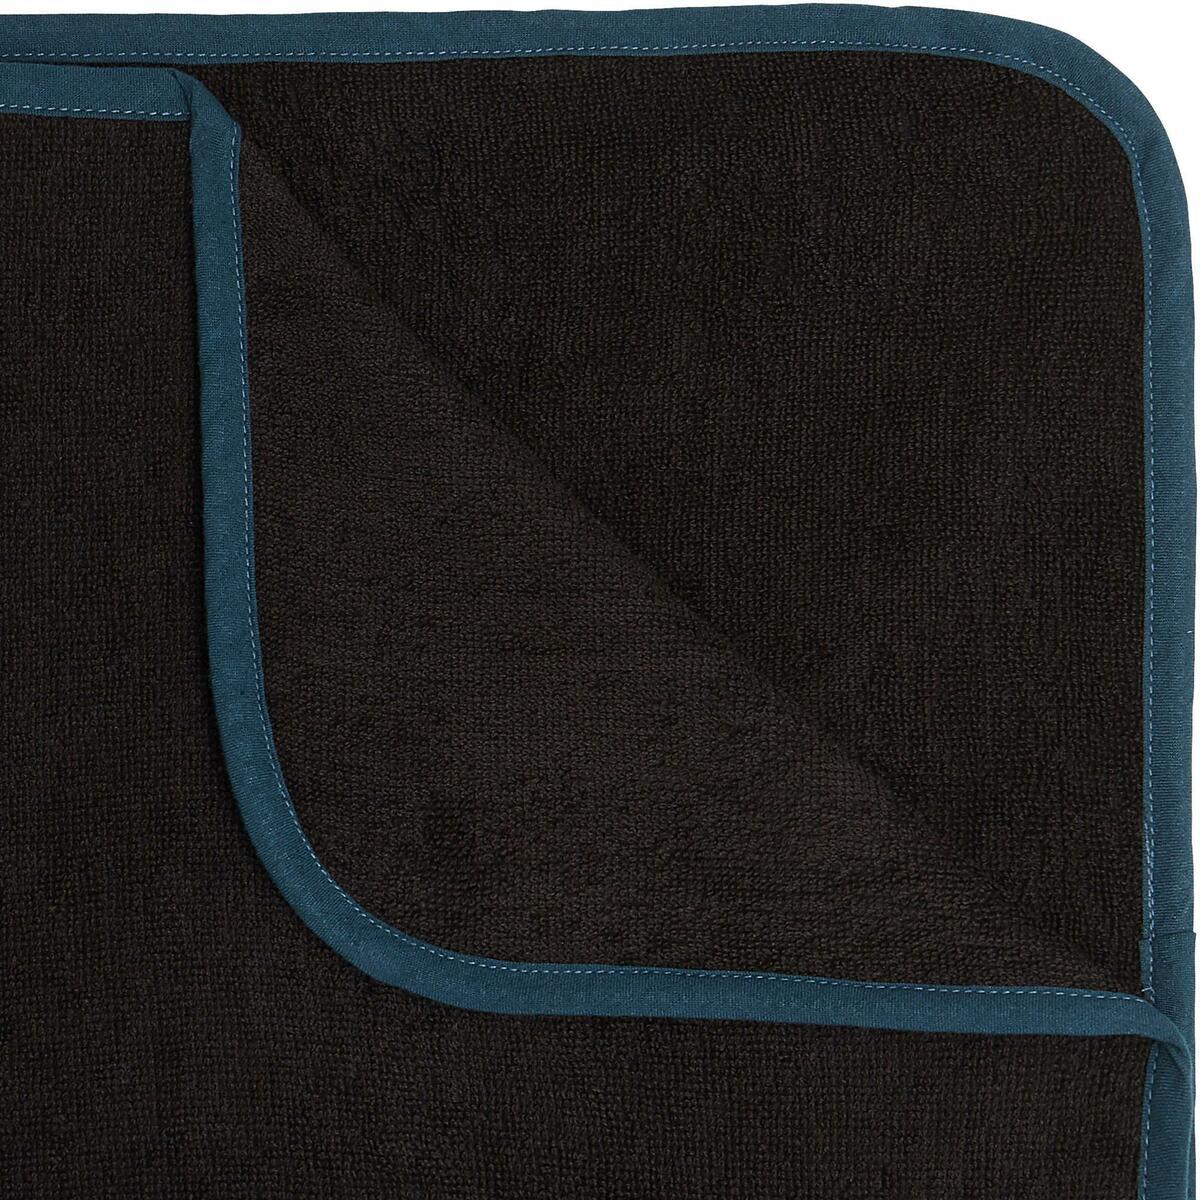 Bild 4 von Surf-Poncho 500 Erwachsene schwarz/blau